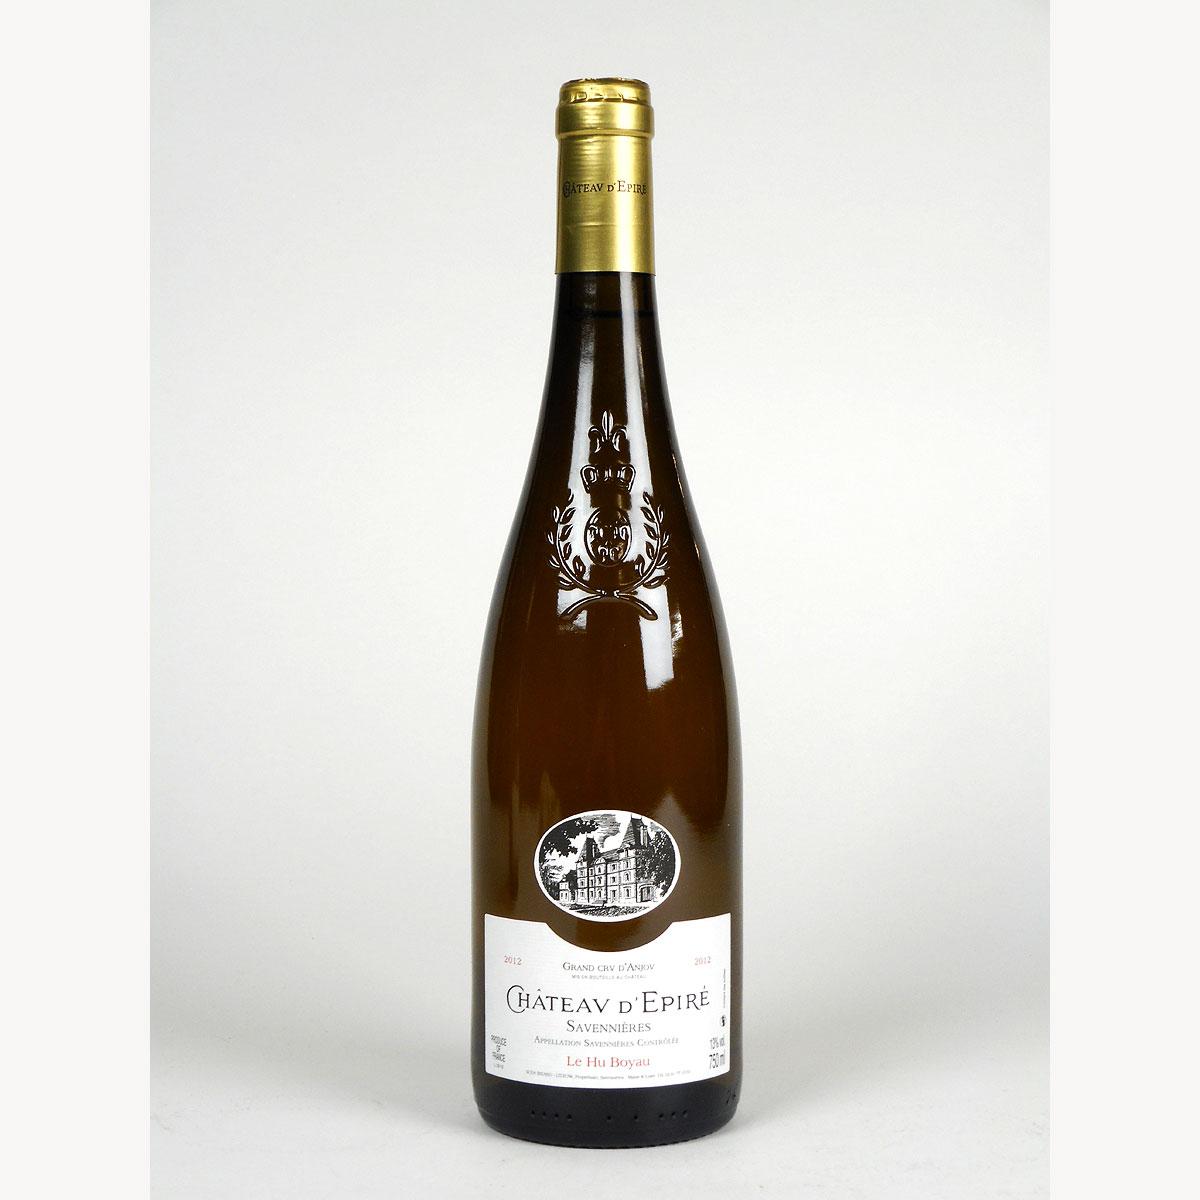 Savennières: Château d'Epiré 'Le Hu Boyau' 2012 - Bottle